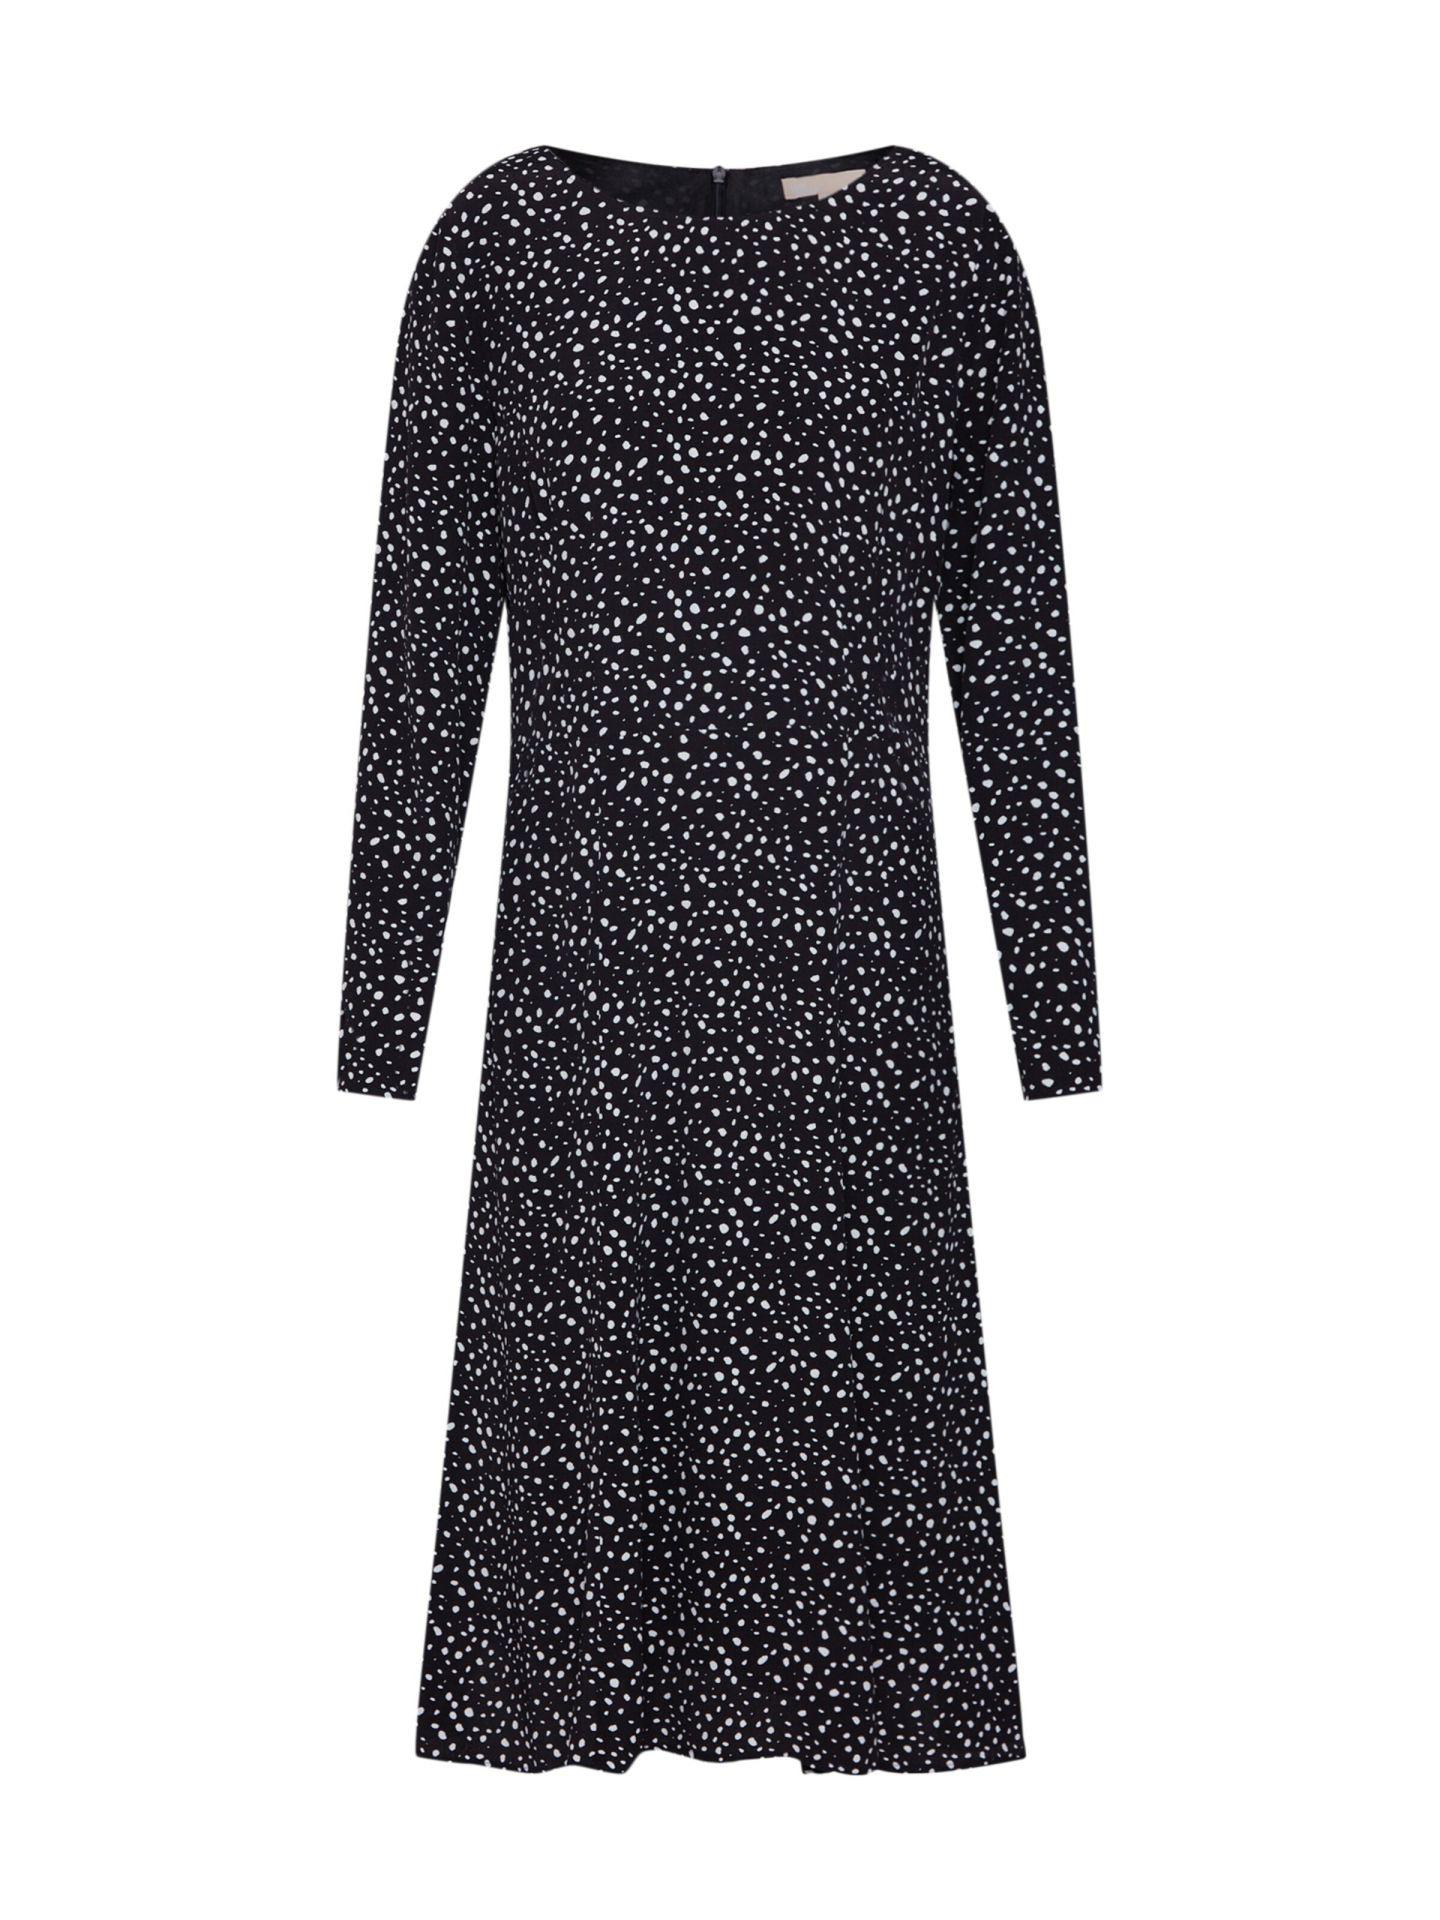 Einzigartig Kleid Schwarz Weiß BoutiqueDesigner Leicht Kleid Schwarz Weiß für 2019